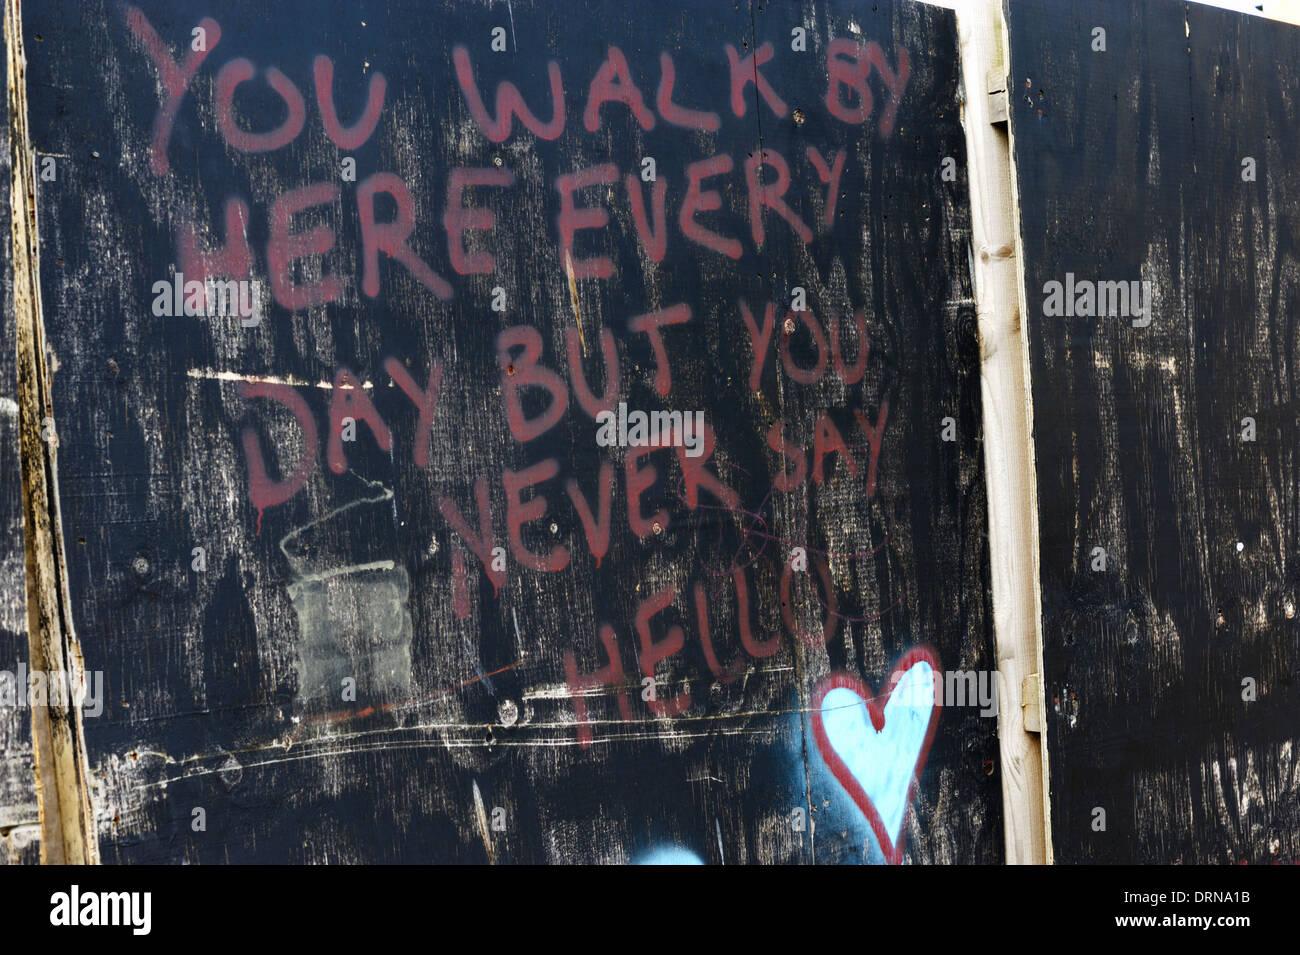 Graffiti, escritura roja sobre fondo negro ' usted camina por aquí cada día pero nunca dices hola', Wales, REINO UNIDO Imagen De Stock